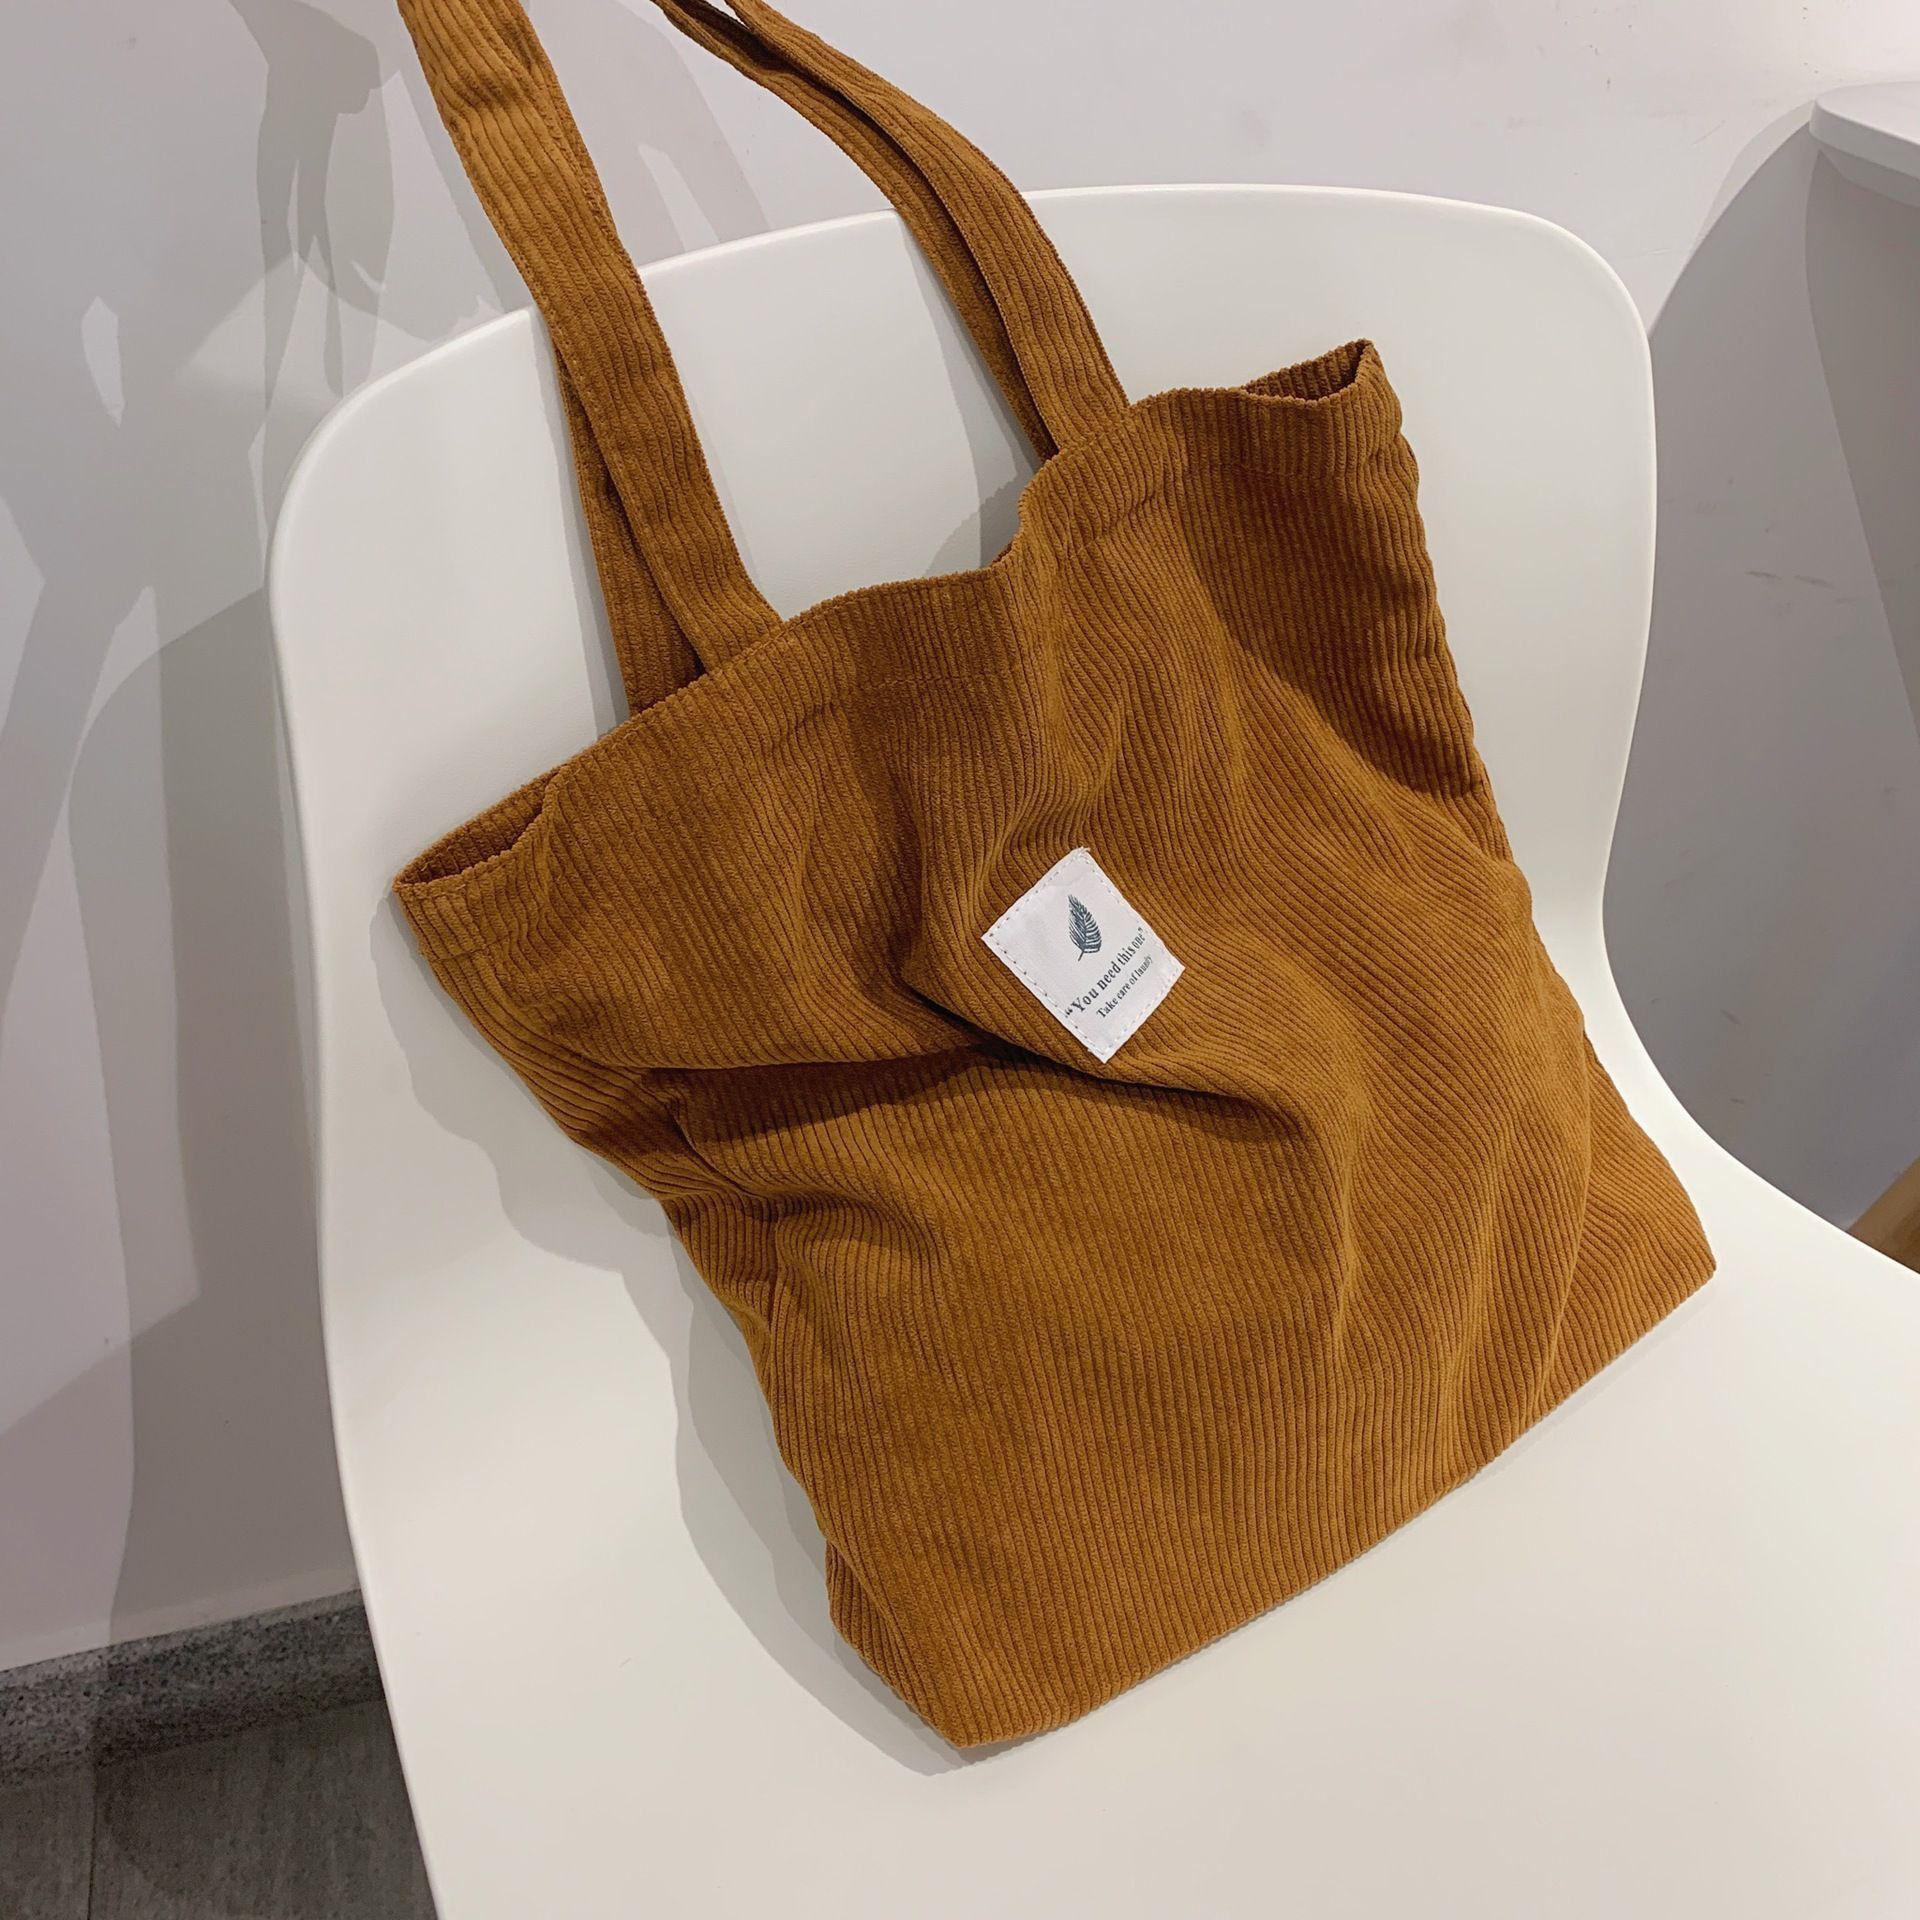 Сумки HBP для женщин 2021 Corduroy Сумка на плечо Многоразовая сумка для многоразовых сумки повседневные Tote женская сумочка для определенного количества брошенного коричневого цвета